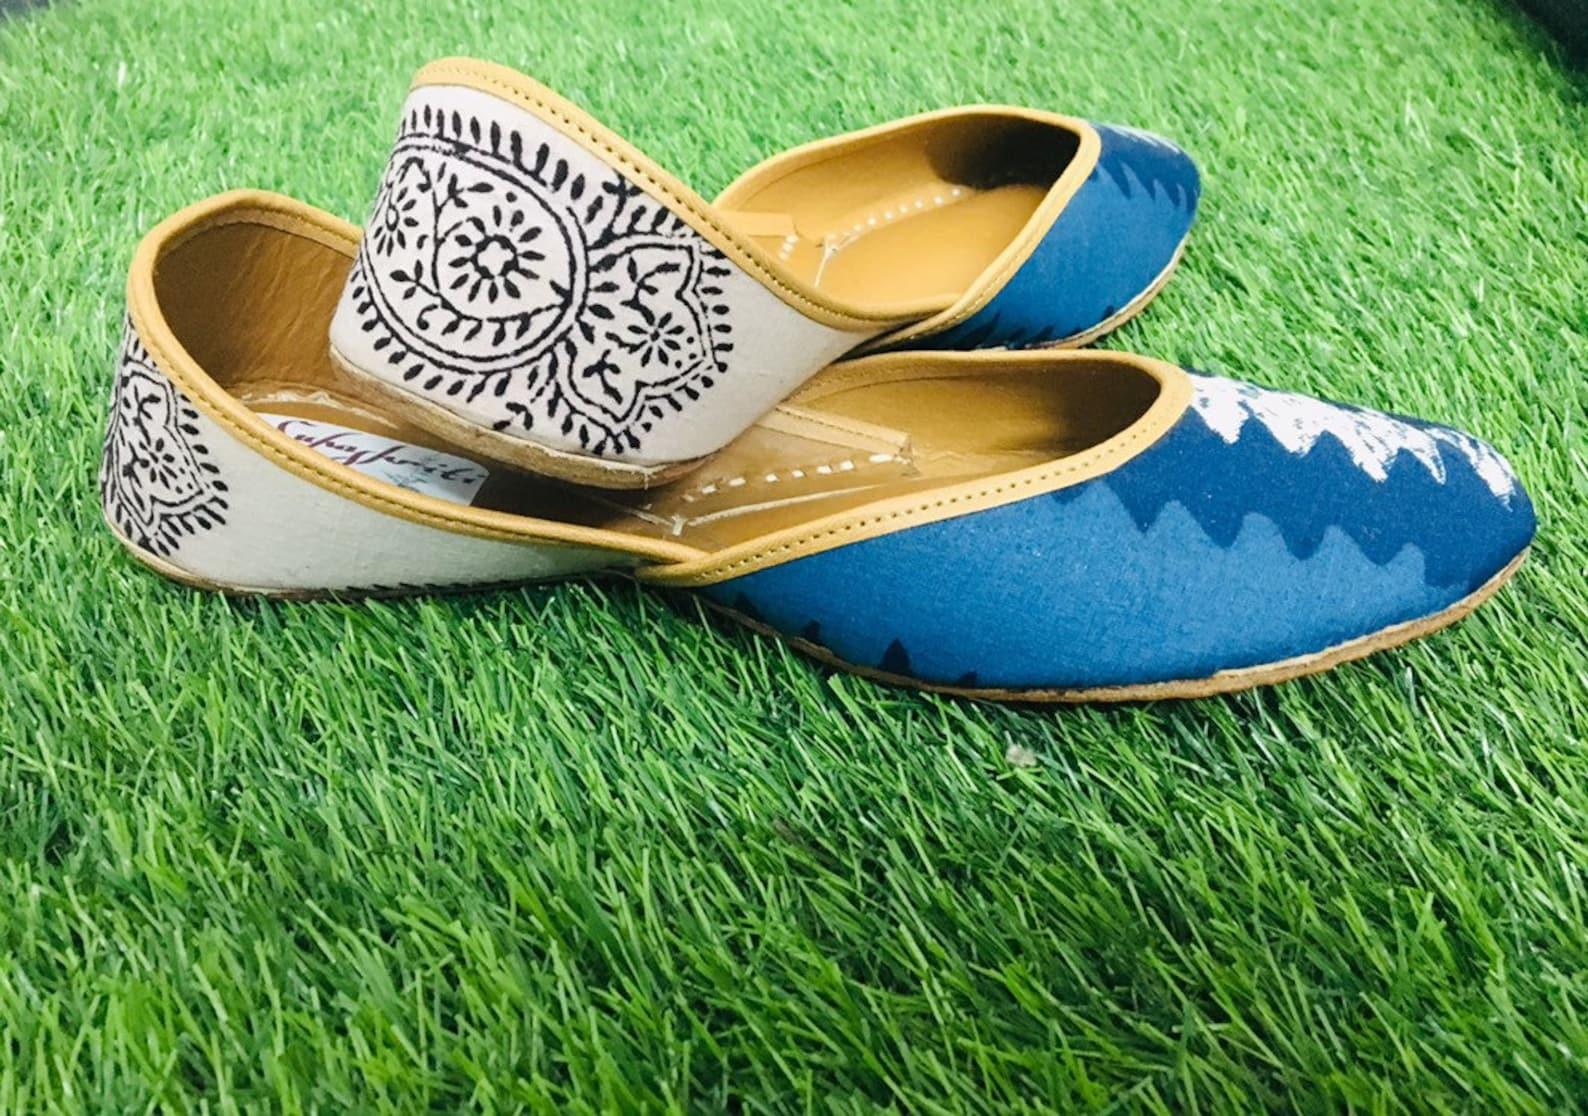 bagh kalamkari printed fabric blue & white ballet shoes/ juttis